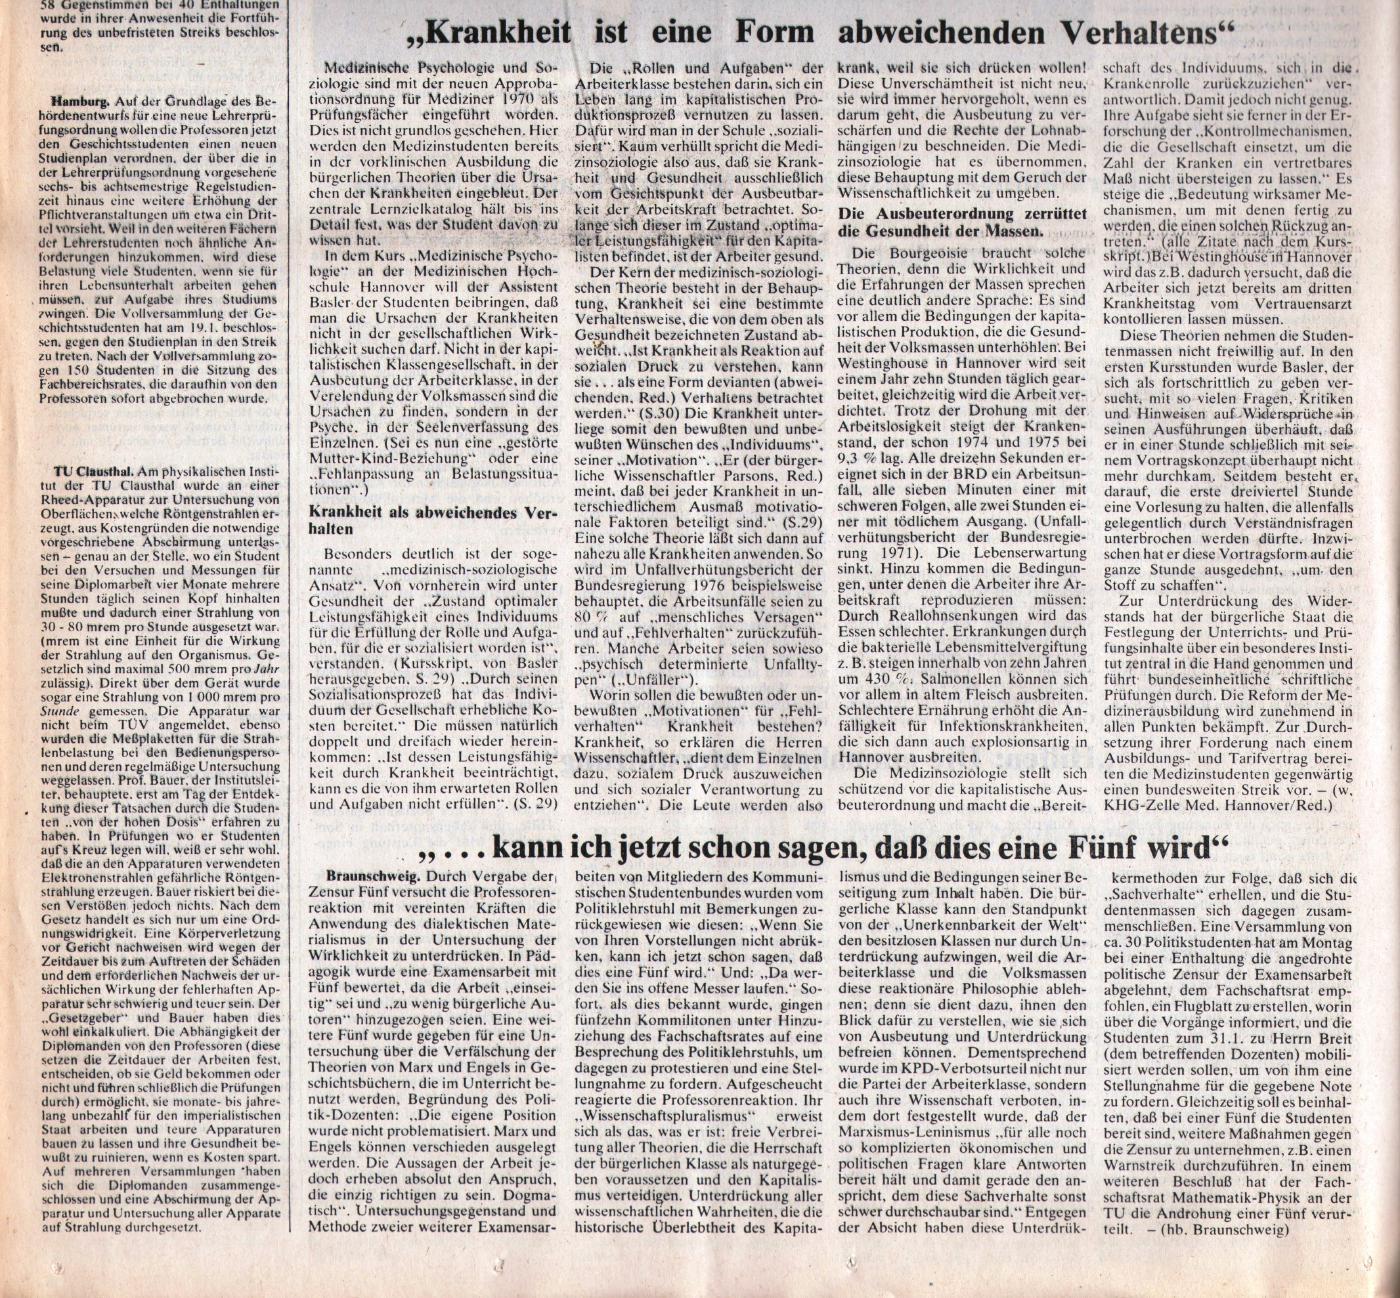 KVZ_Nord_1977_04_20